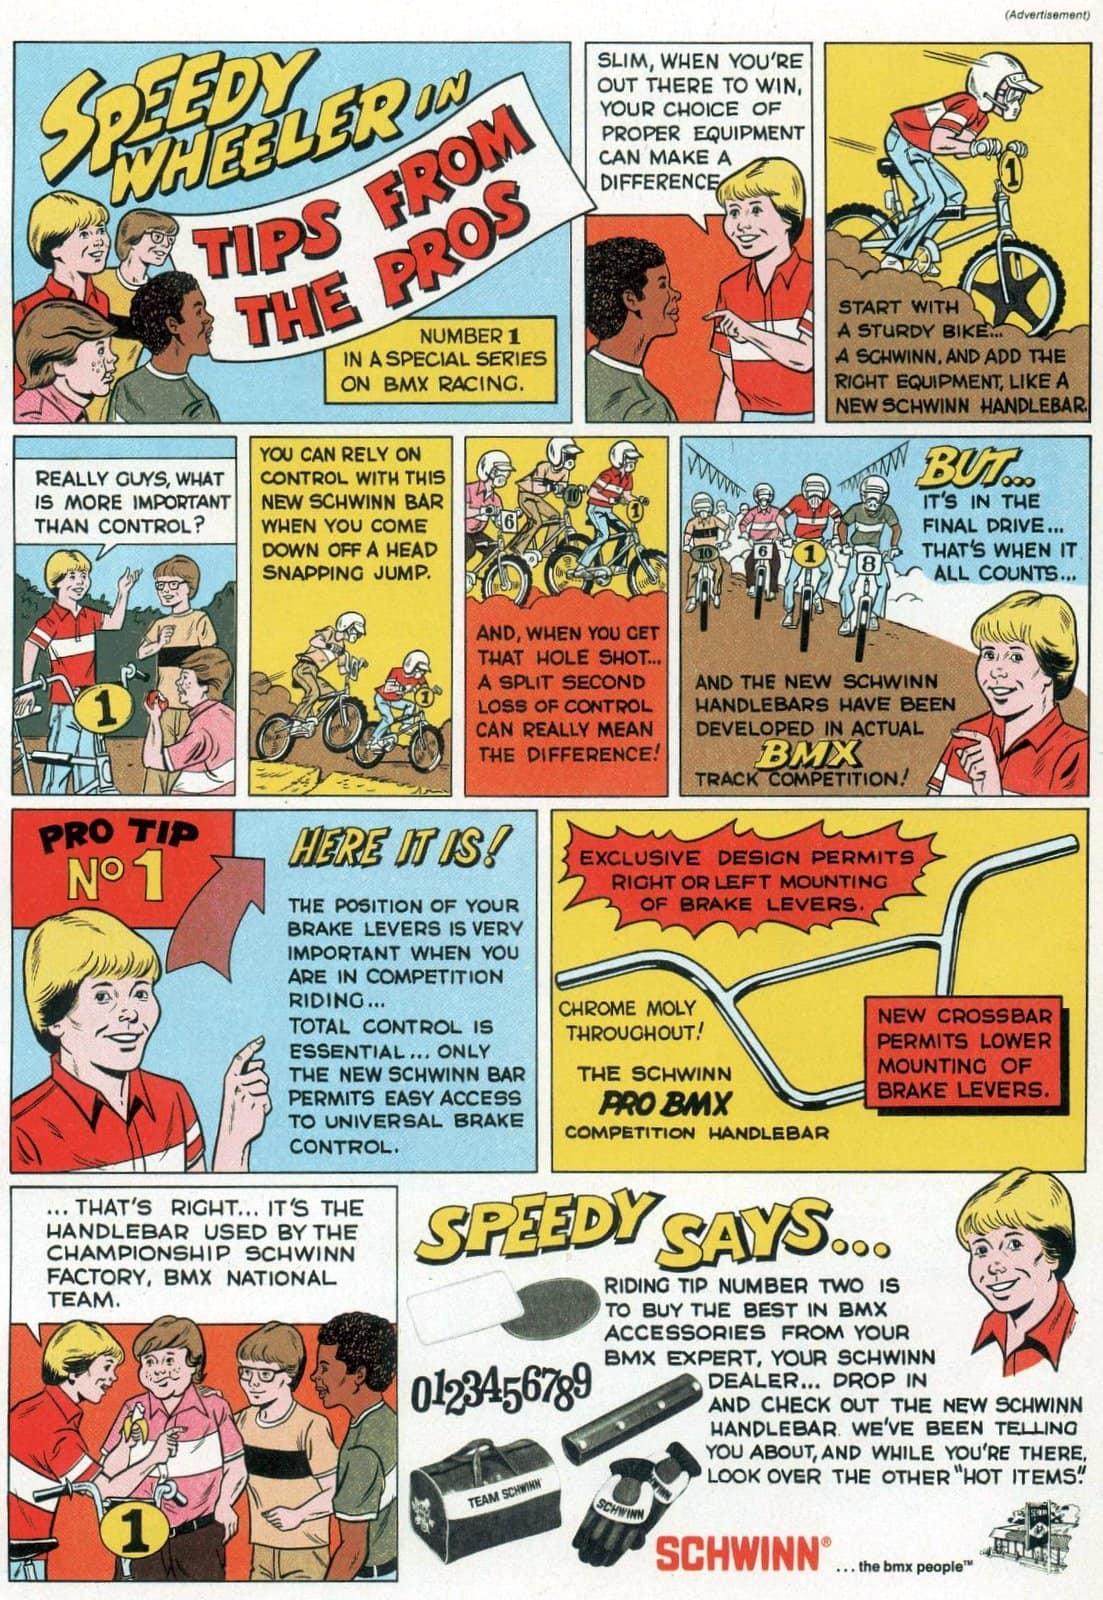 Speedy Wheeler with BMX bike racing tips - Boys' Life Apr 1980